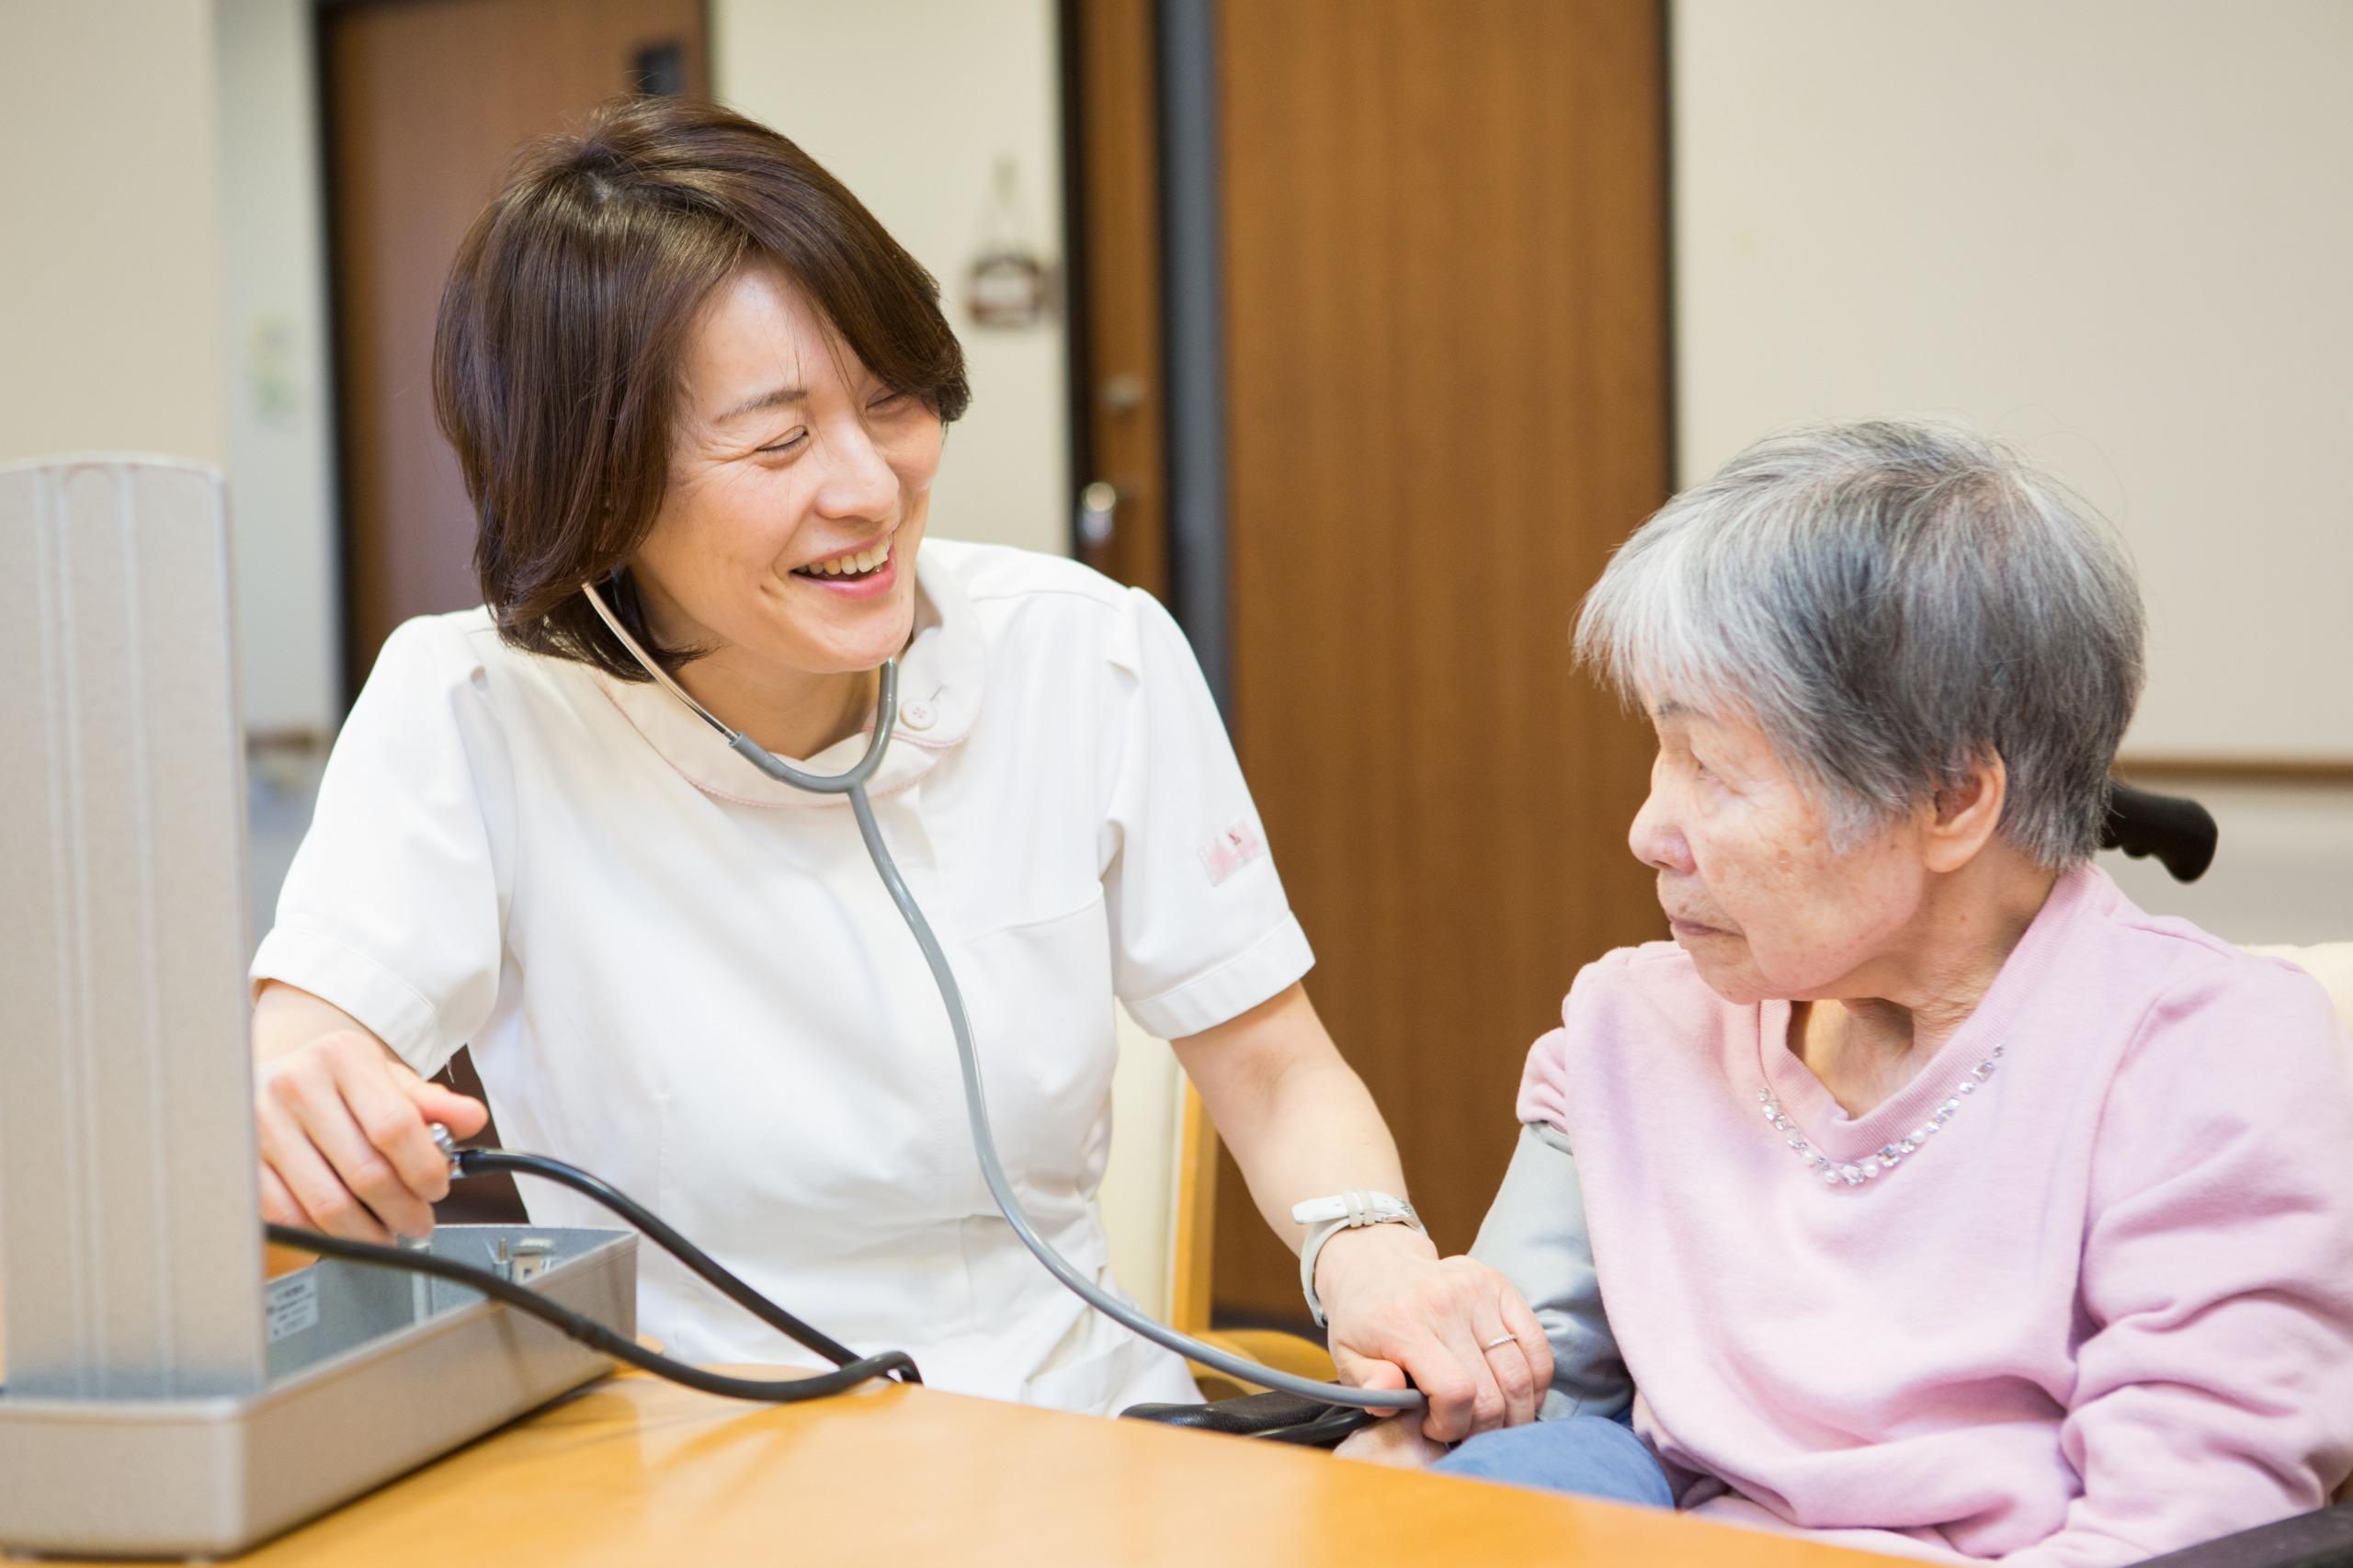 サービス付き高齢者向け住宅での看護師を募集しております。☆入社時にワクチン接種可能☆職員の定期的なPCR検査☆